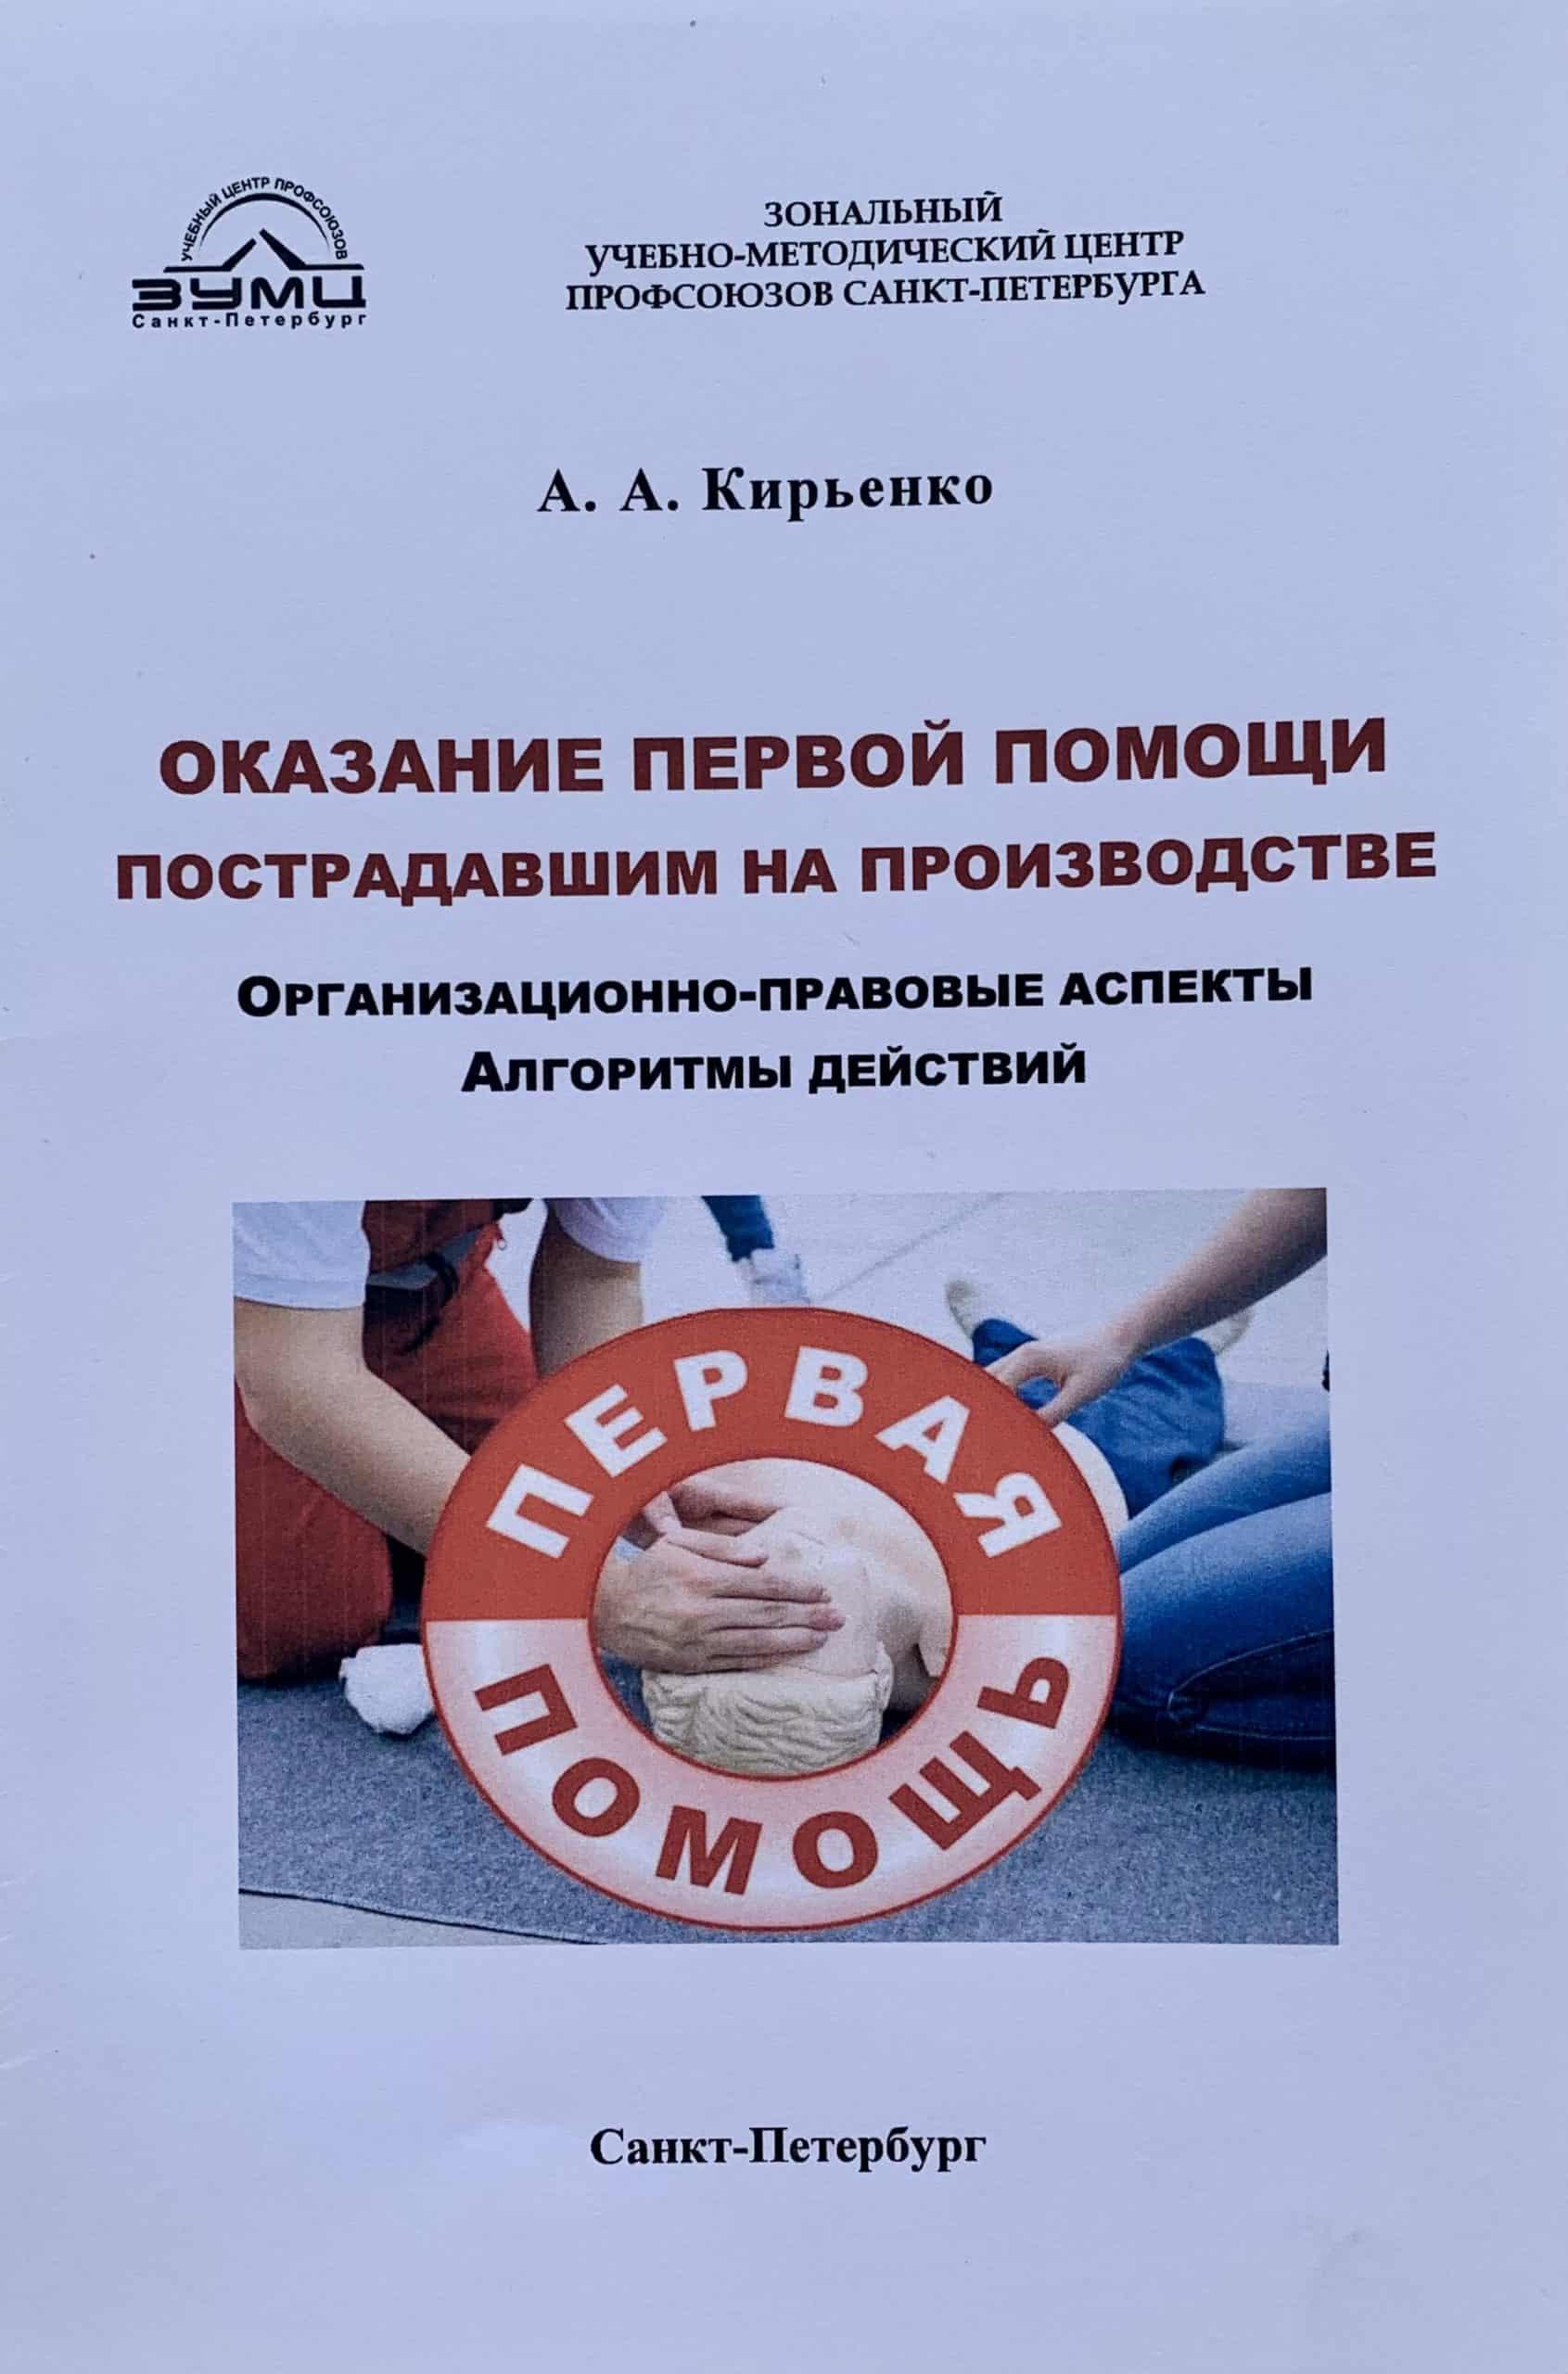 А.А. Кирьенко